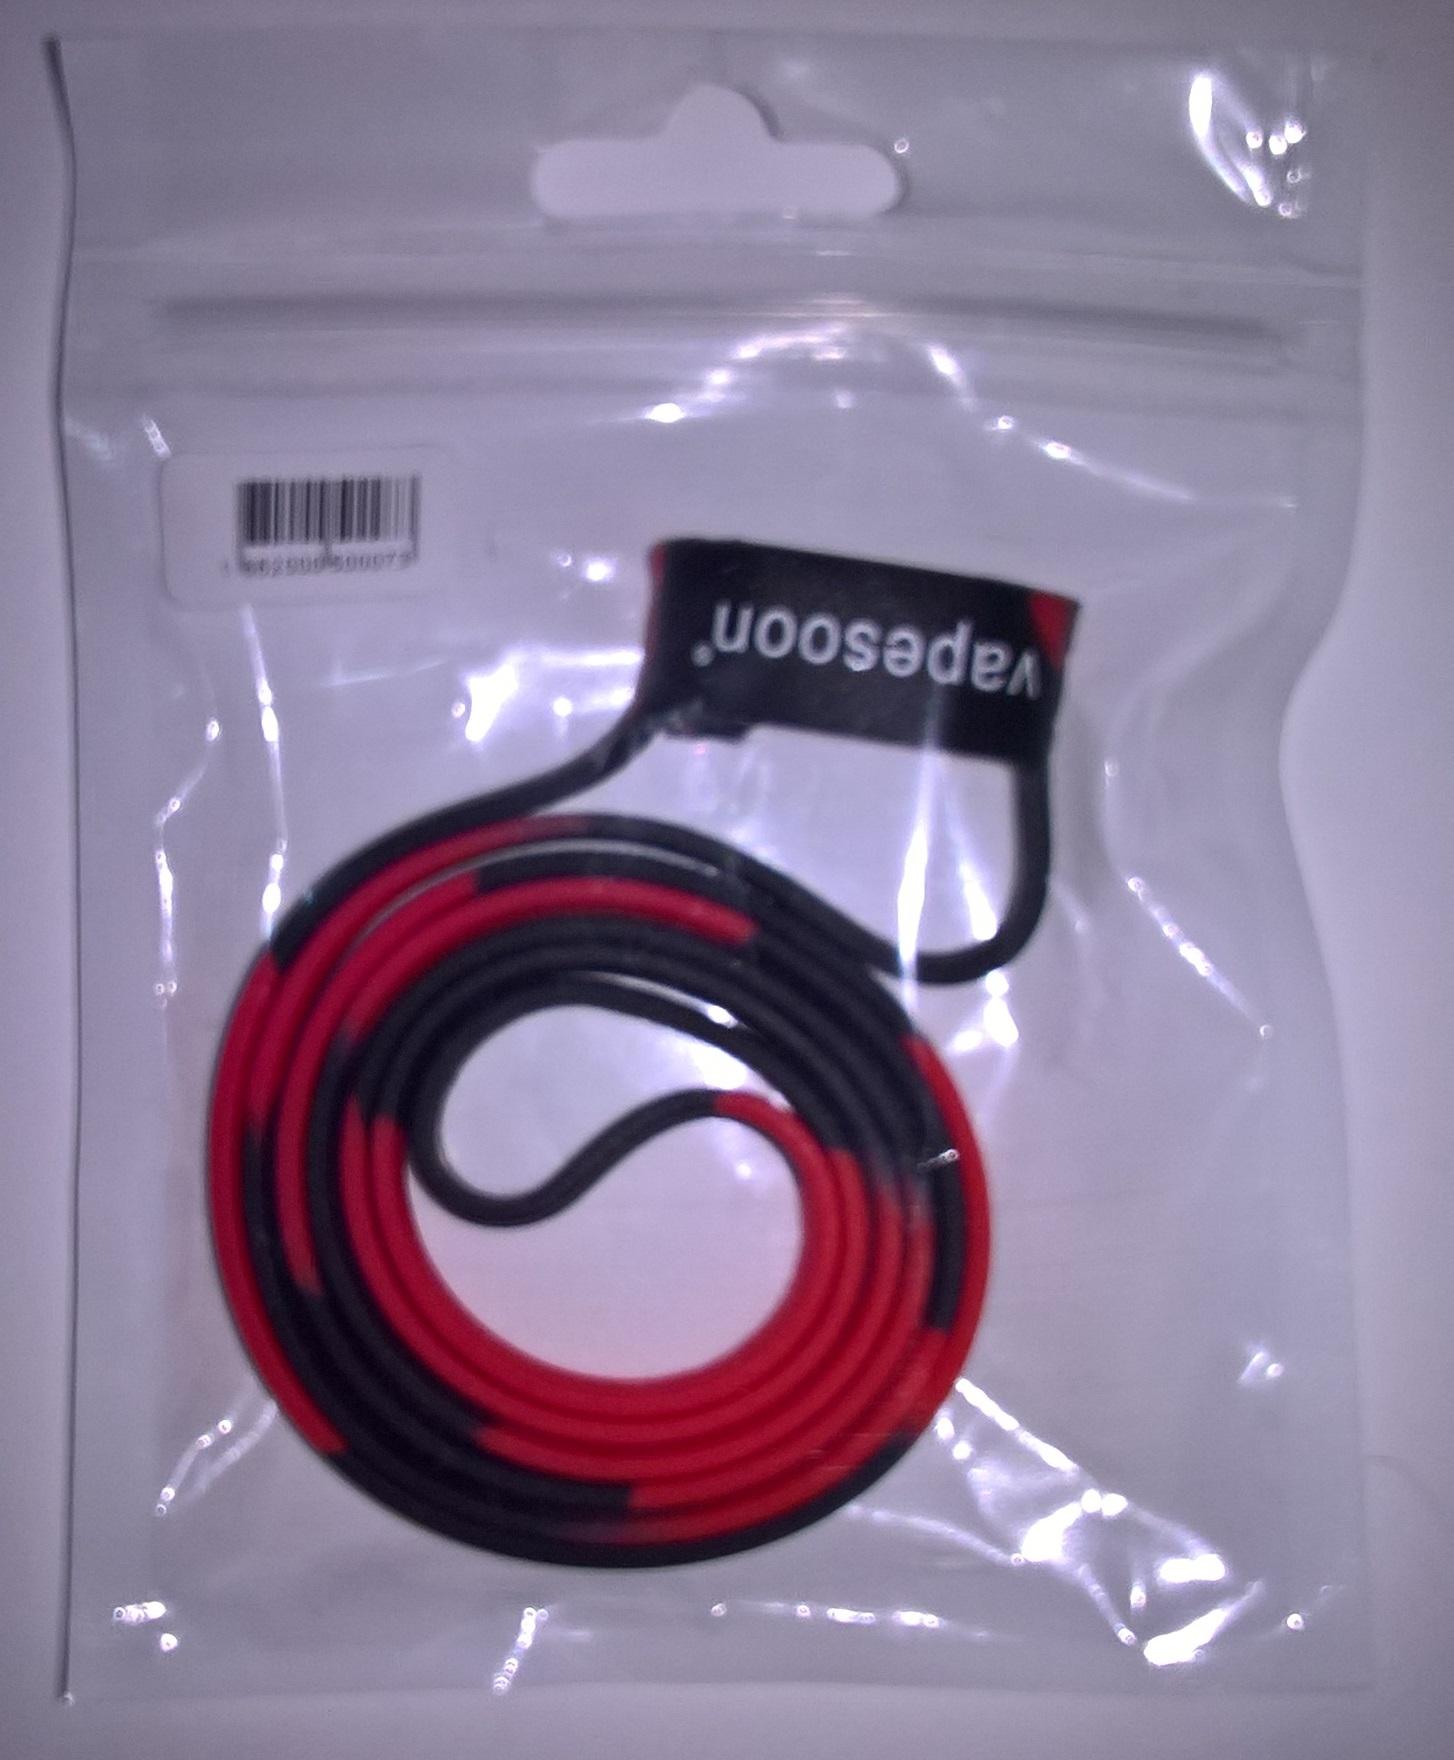 Vapesoon univerzální silikonová šňůrka na e-cigaretu 19-25mm 1ks Barva: Černá/Červená